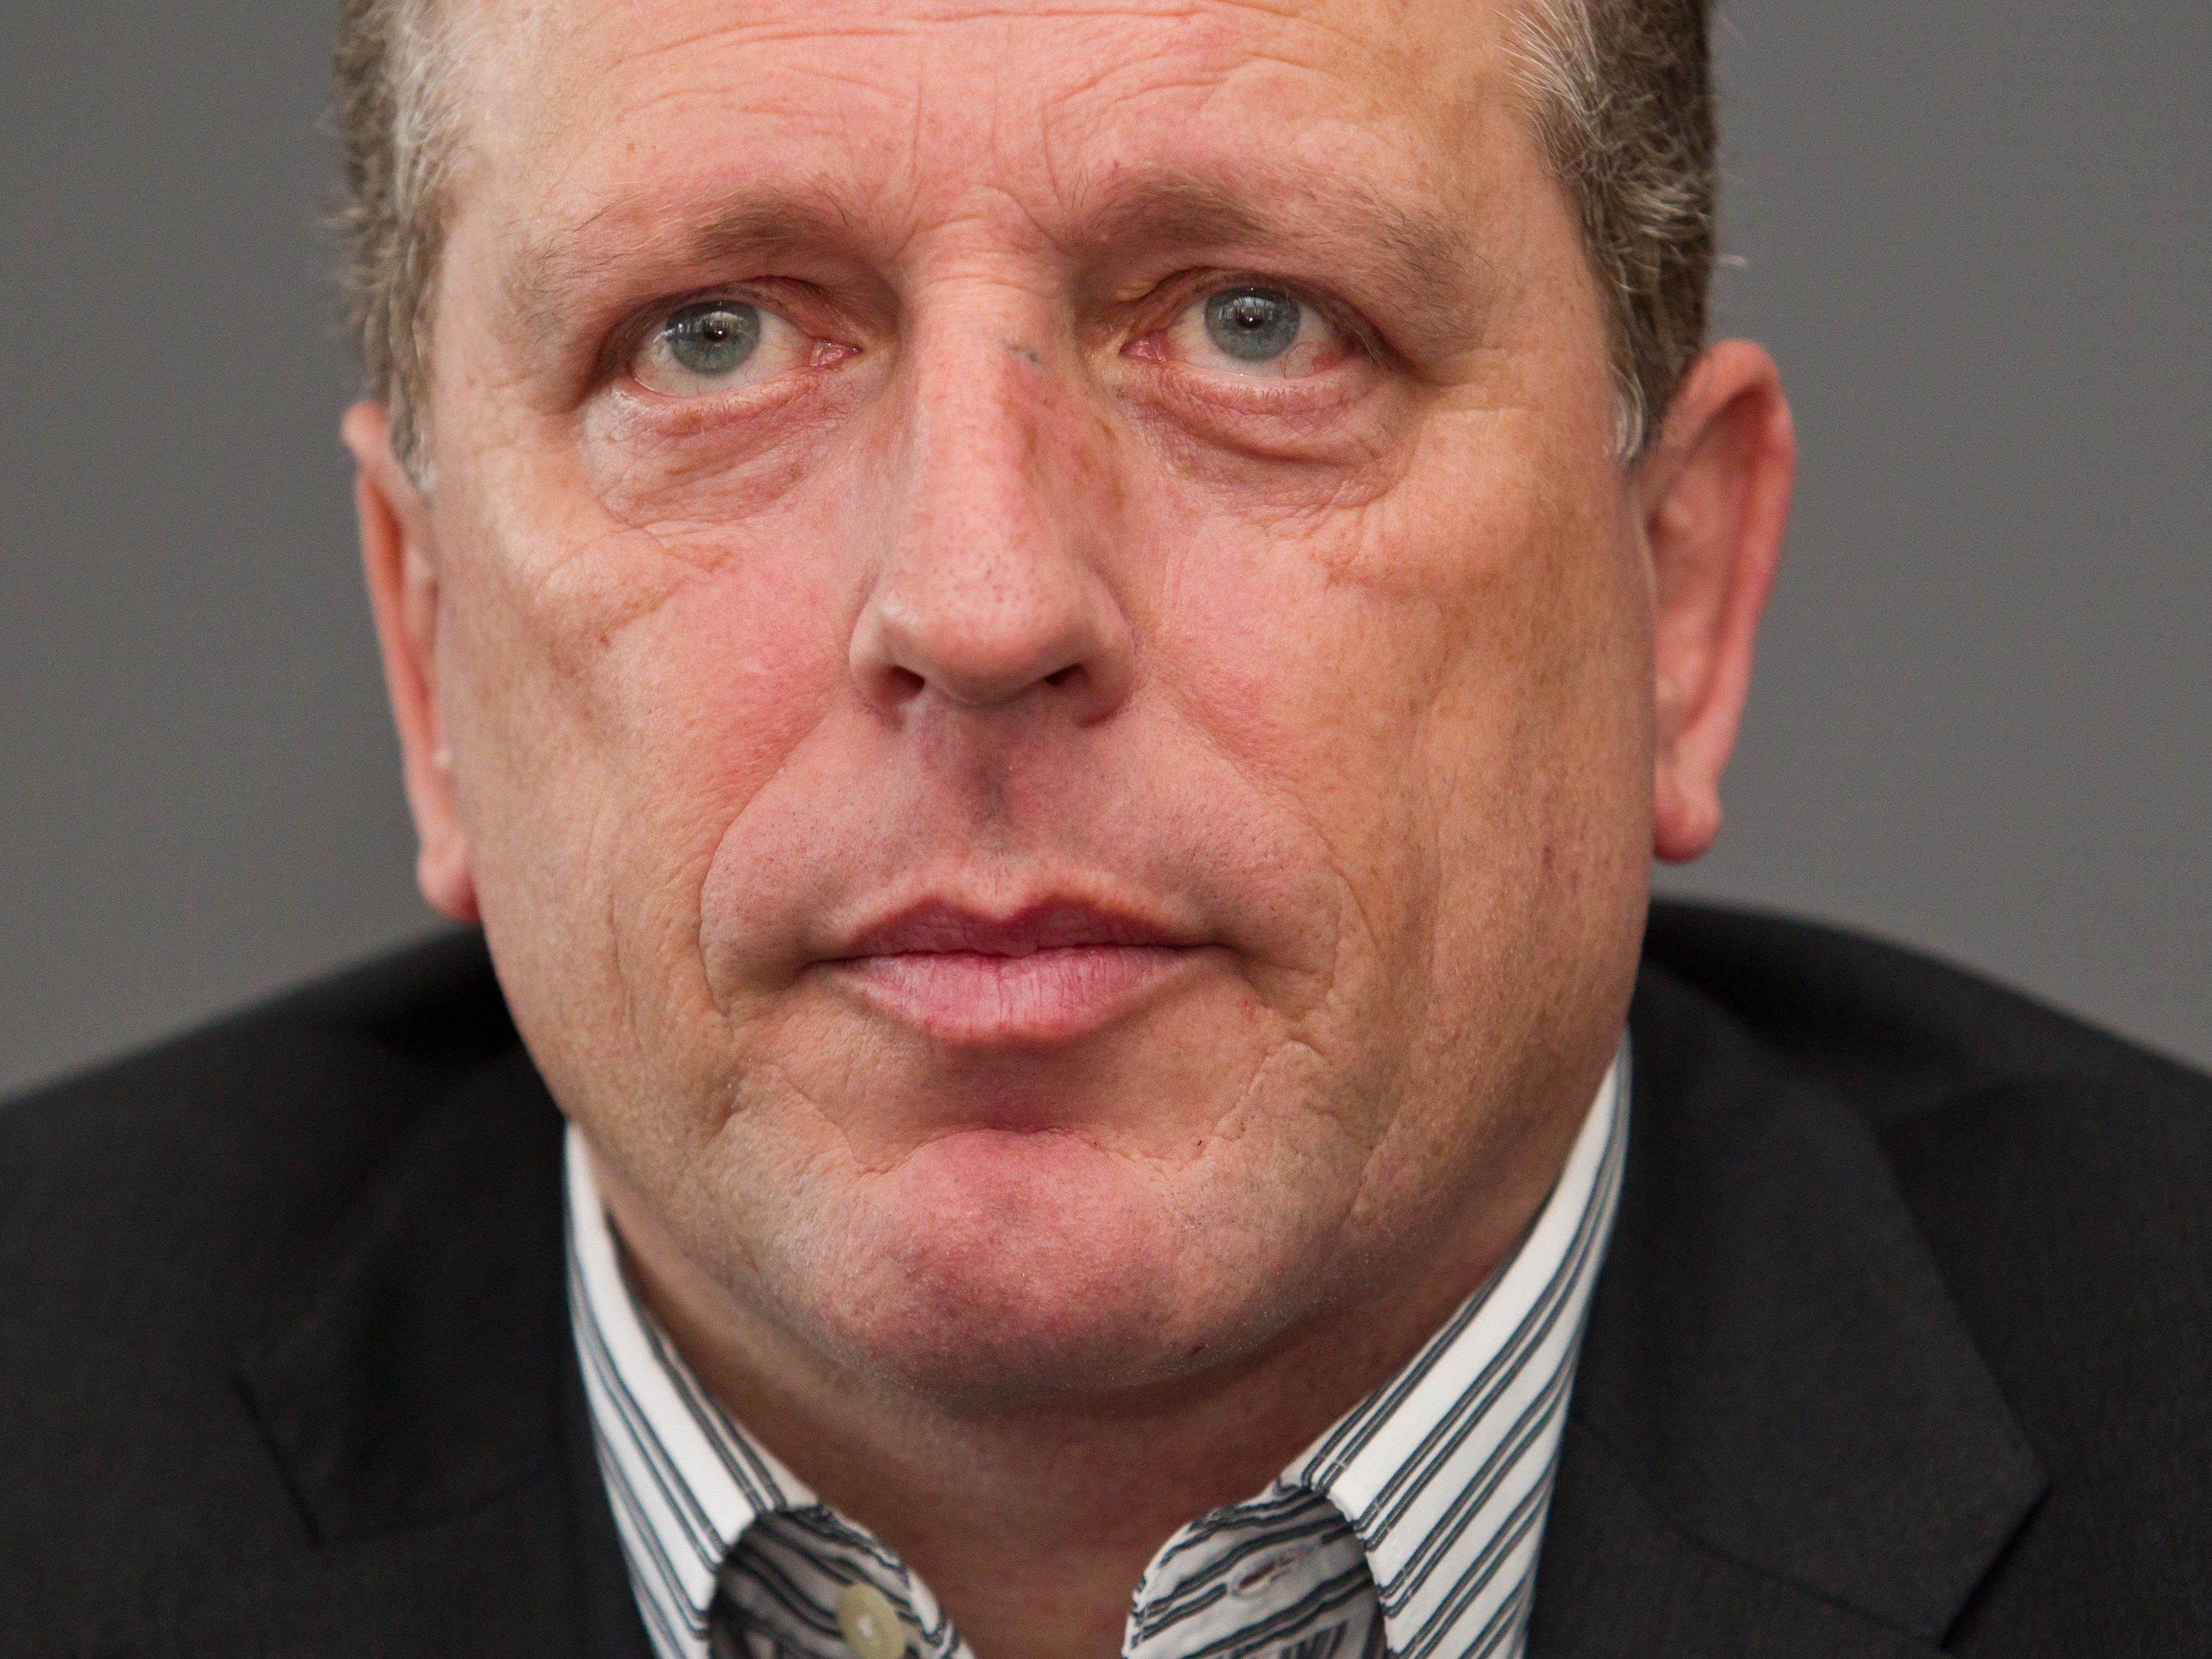 Die Unterschriften und den Vorschlag, wie eine solche Steuersenkung aussehen kann, will Arbeiterkammer-Präsident Hubert Hämmerle so schnell wie möglich dem neuen Finanzminister vorlegen.